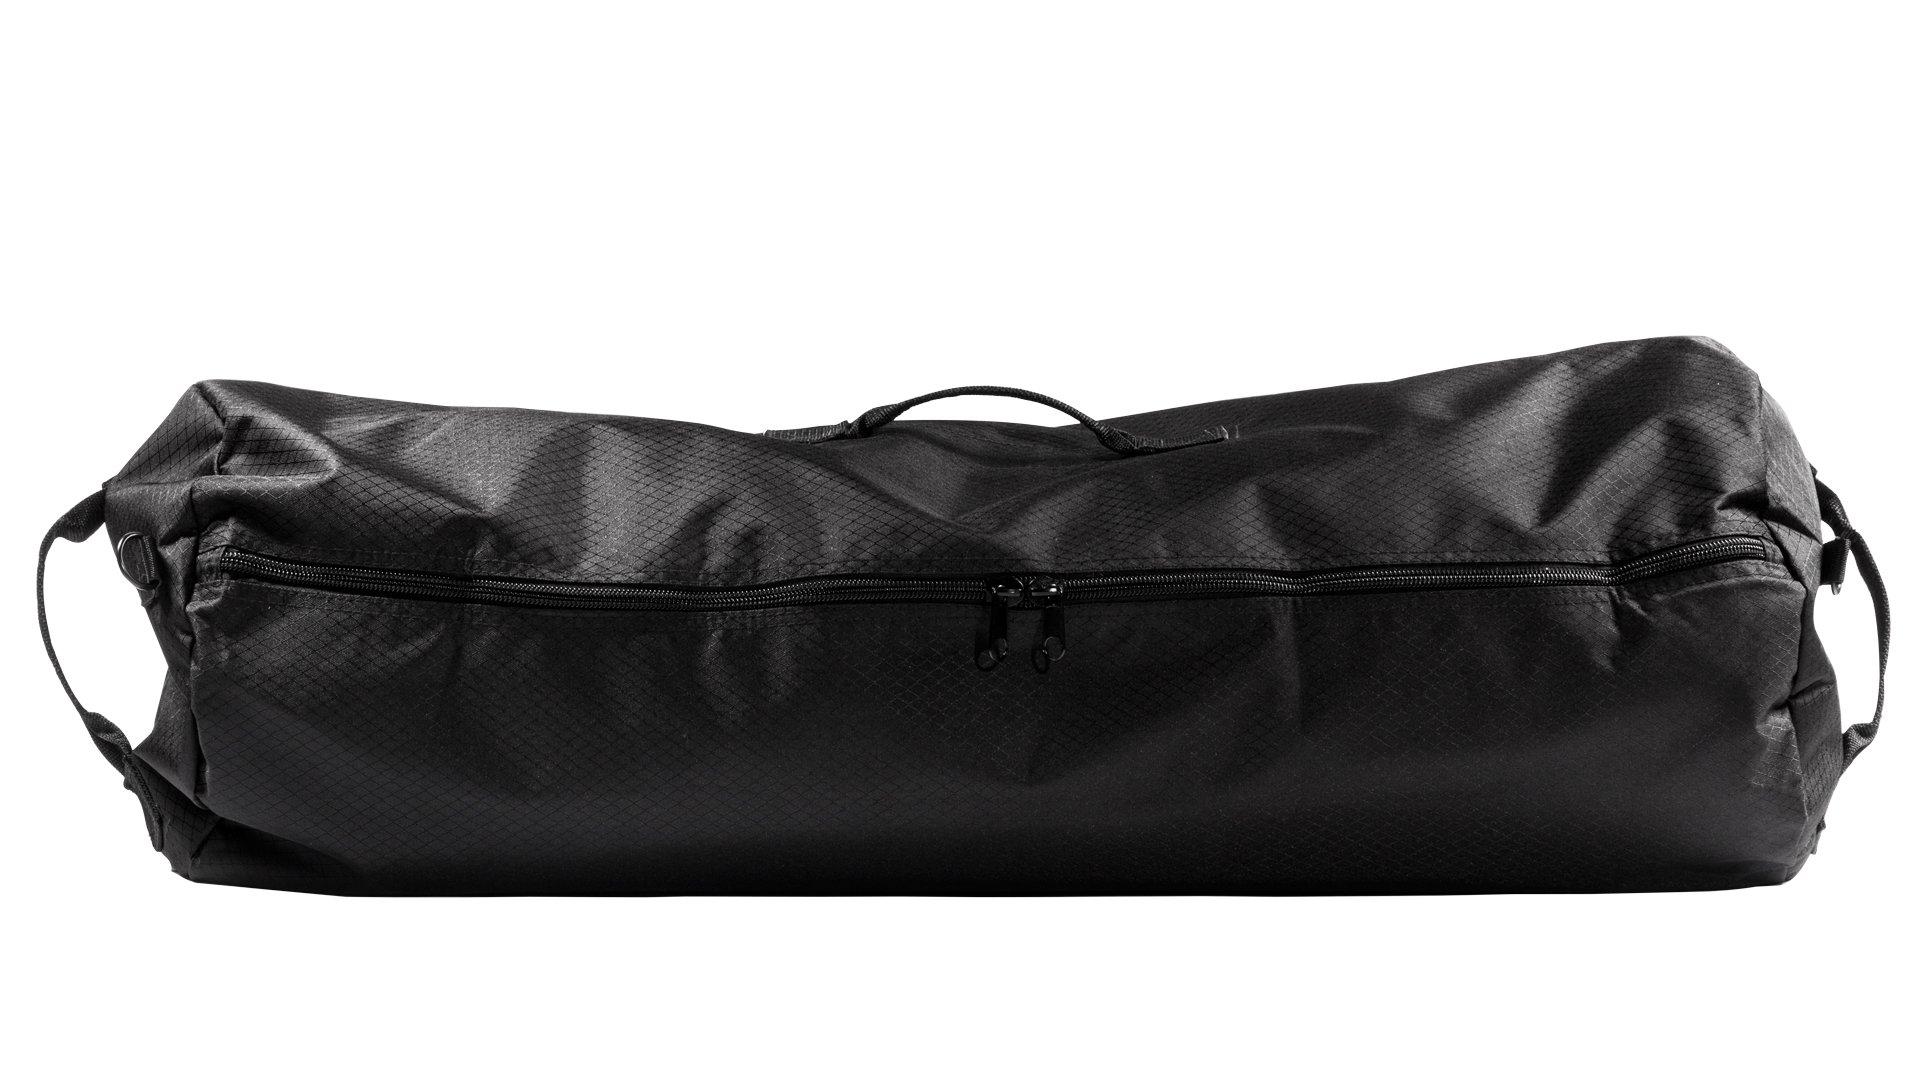 North Star Sports Side Load Duffle Gear Bag 1050 Diamond Rip Stop Tuff Cloth, Midnight Black, 21'' x 36''